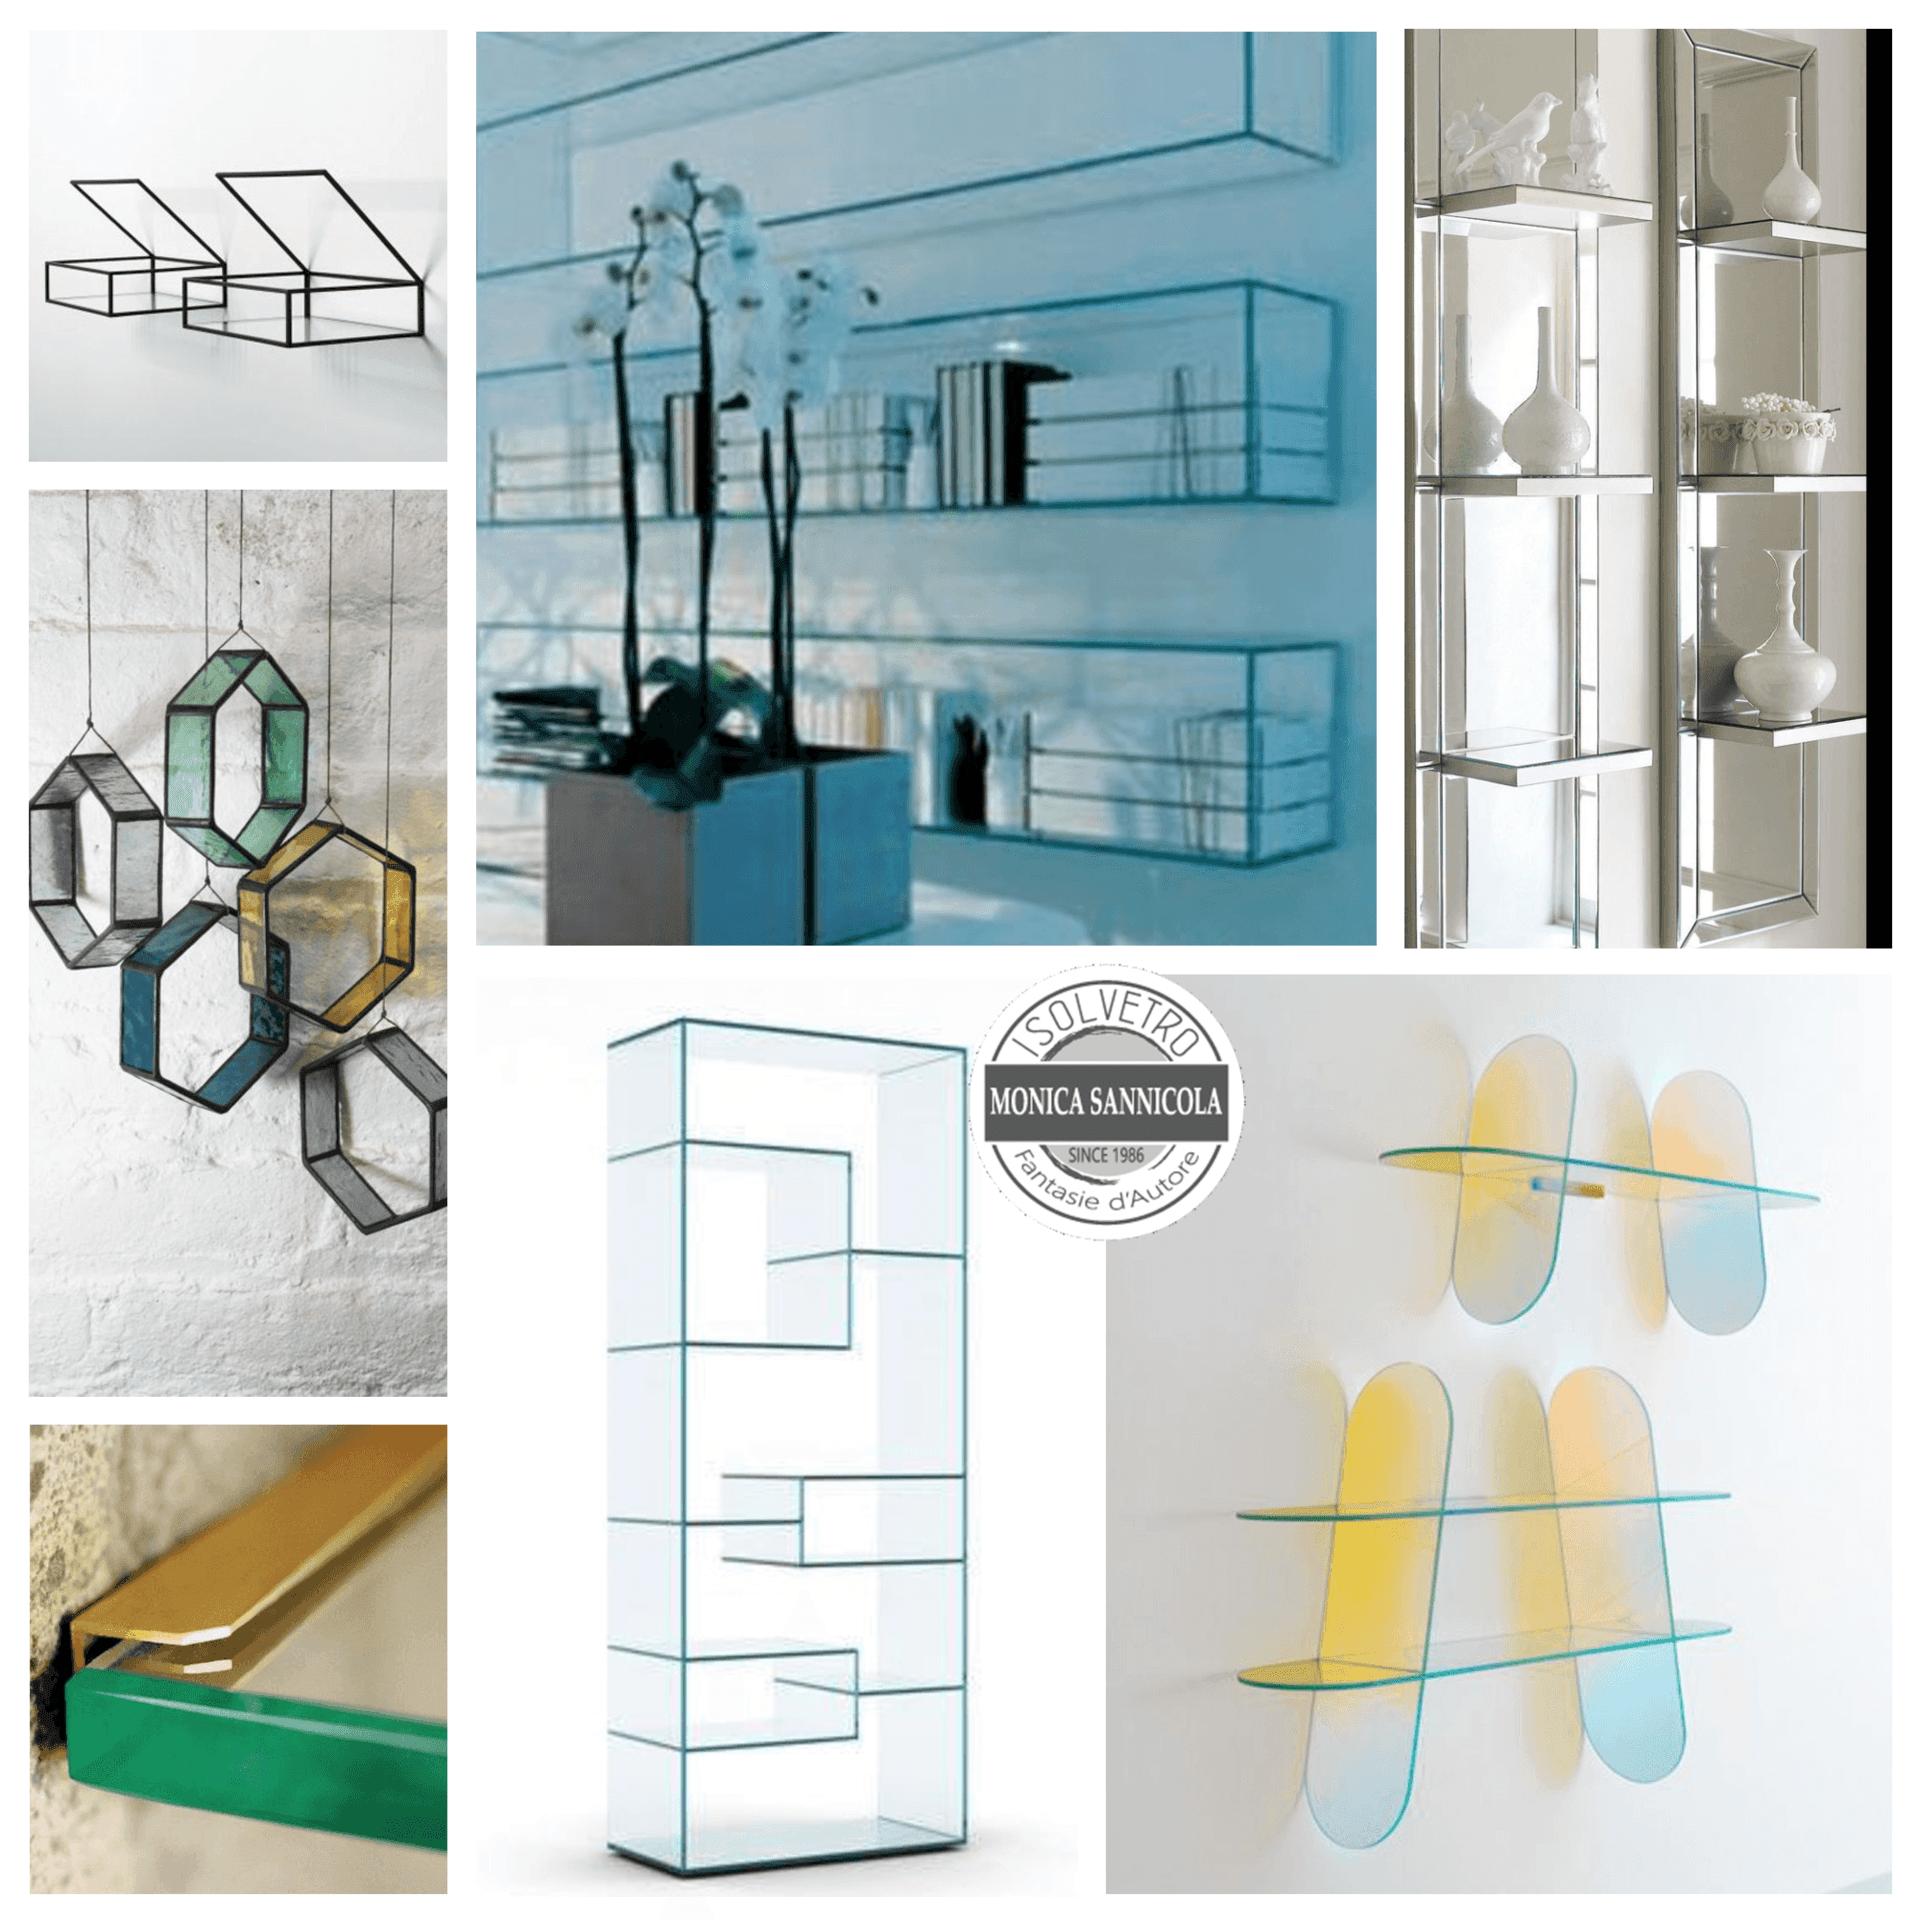 vari tipi di scaffali in vetro trasparente o colorati